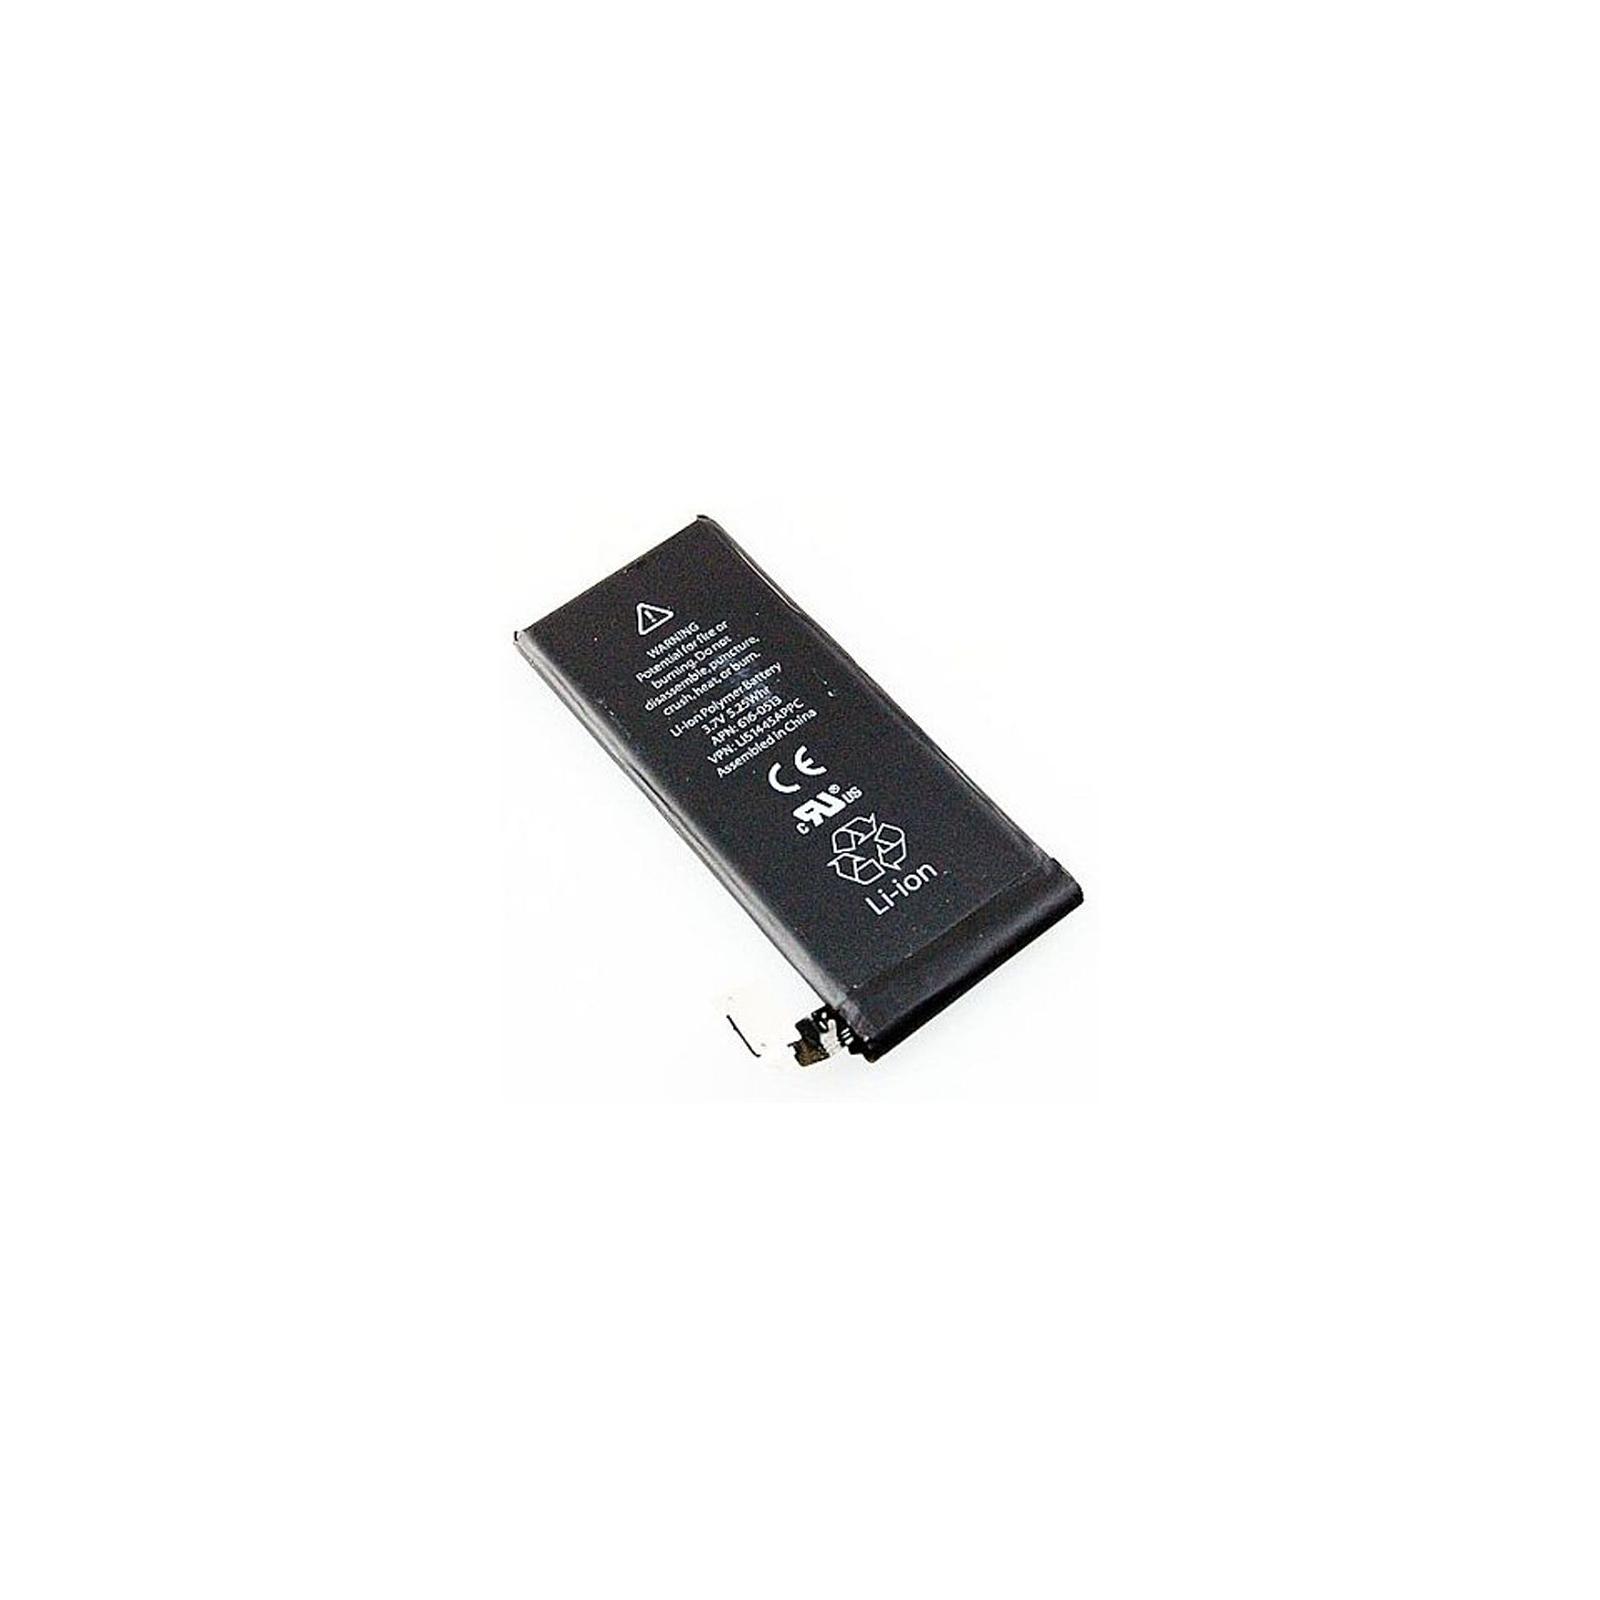 Аккумуляторная батарея PowerPlant Apple iPhone 4 (DV00DV6195)